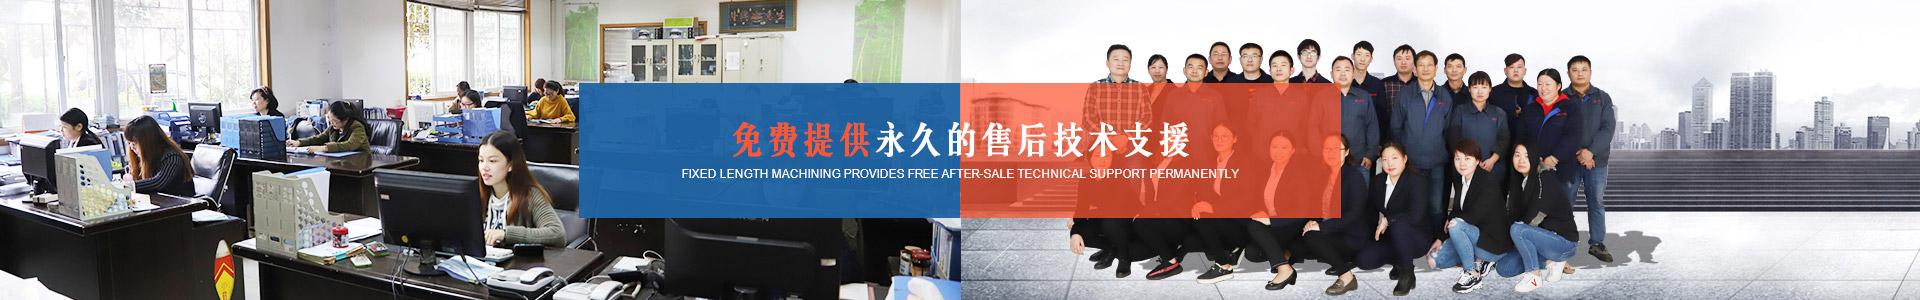 美诚铝业免费提供永久的售后技术支援